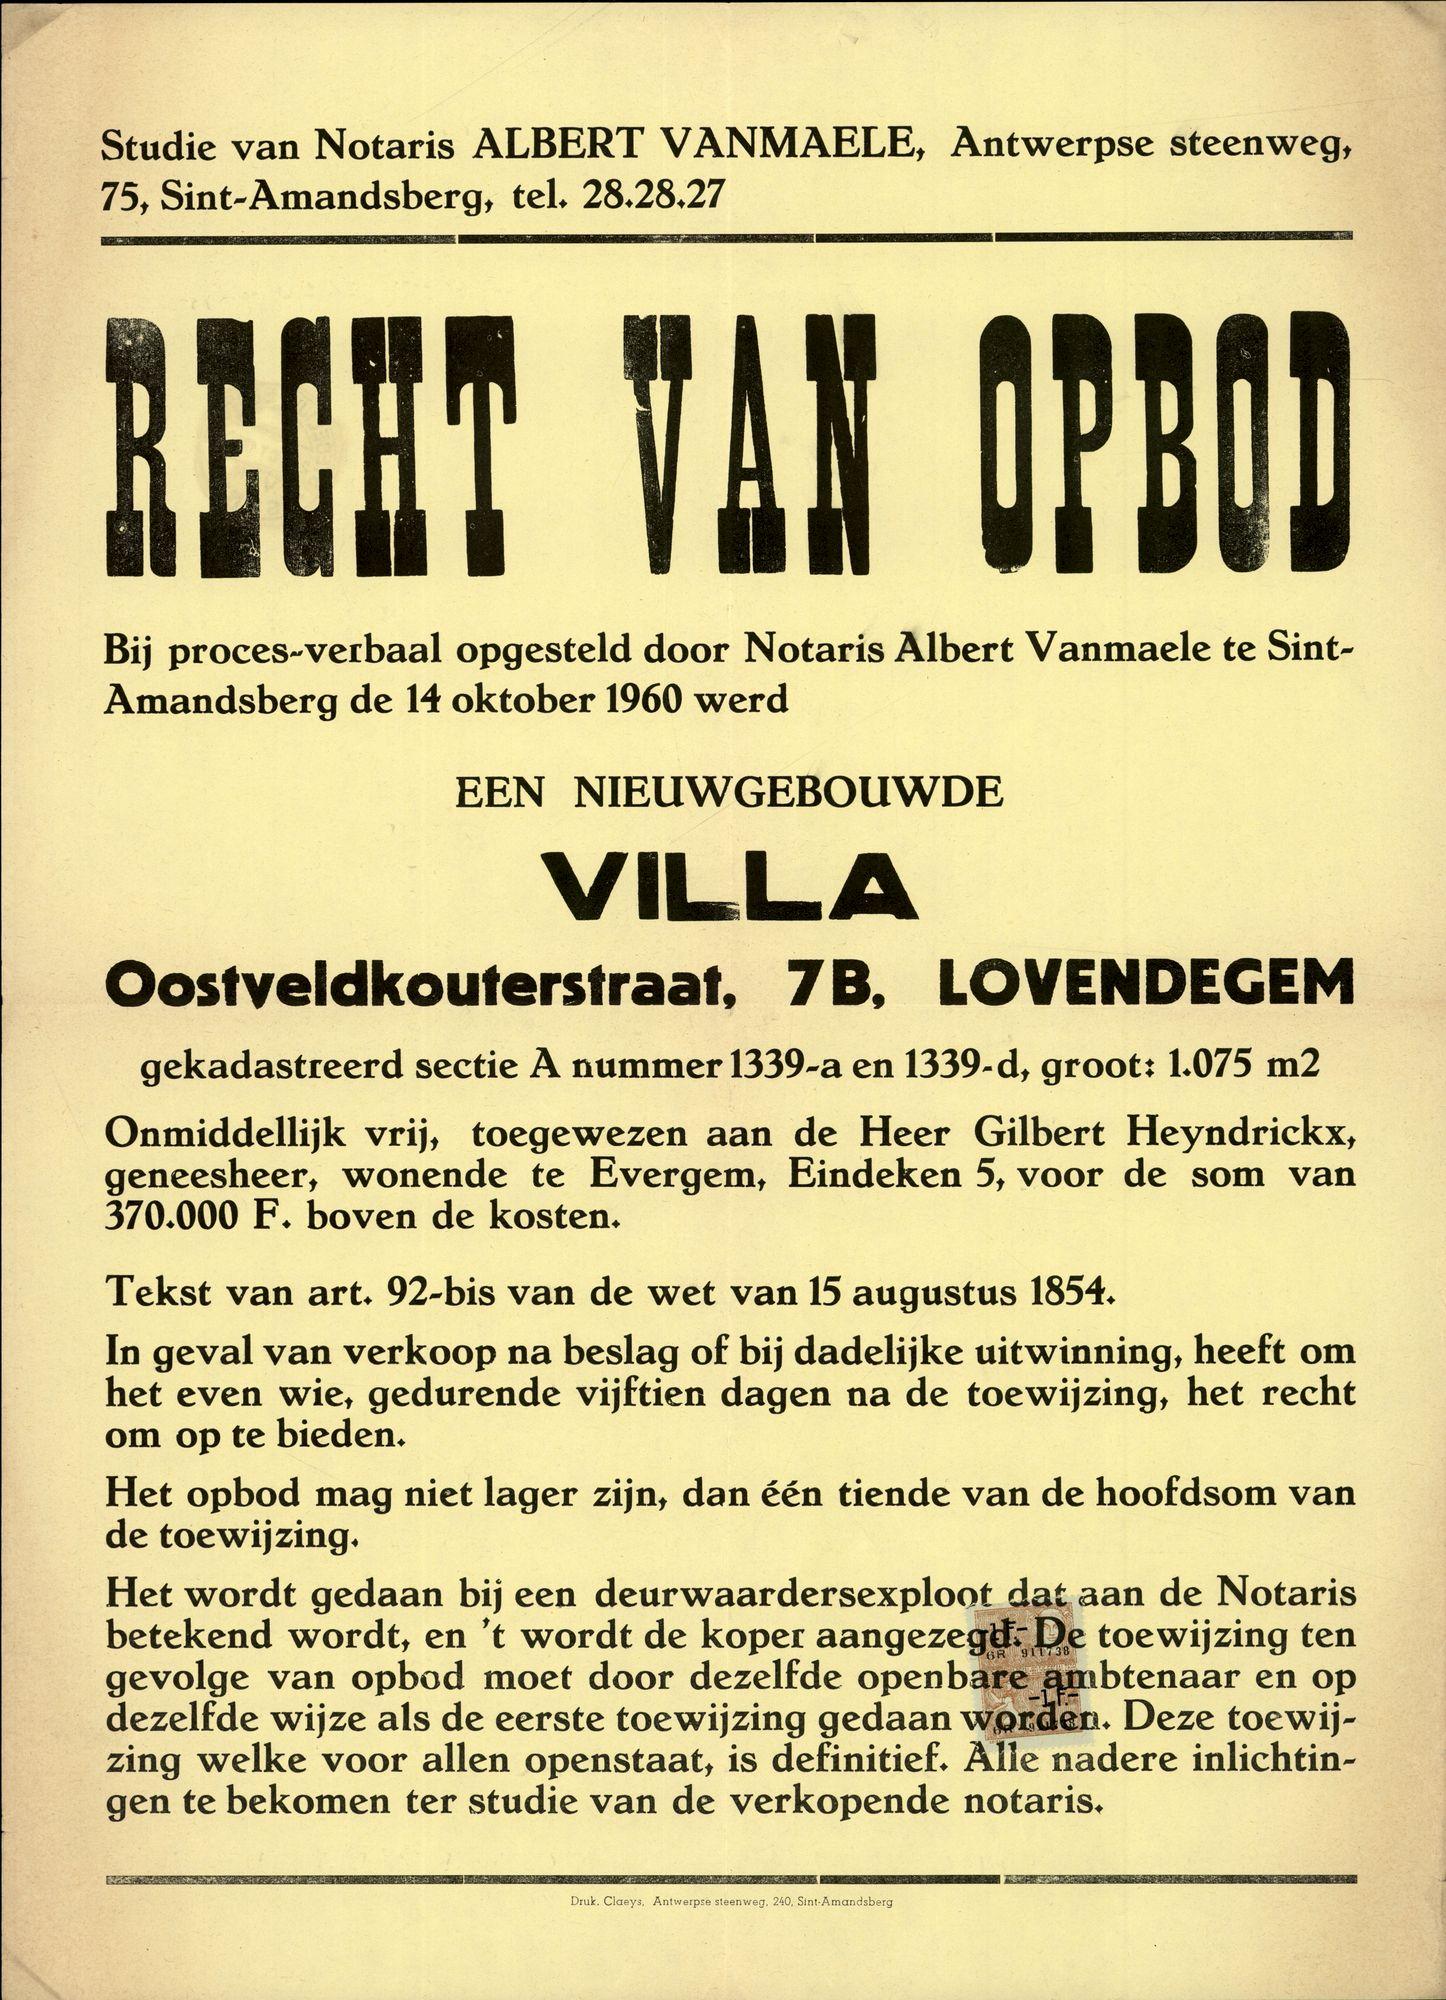 Openbare verkoop, een nieuwgebouwde villa, Oostveldkouterstraat, nr.7B, Lovendegem